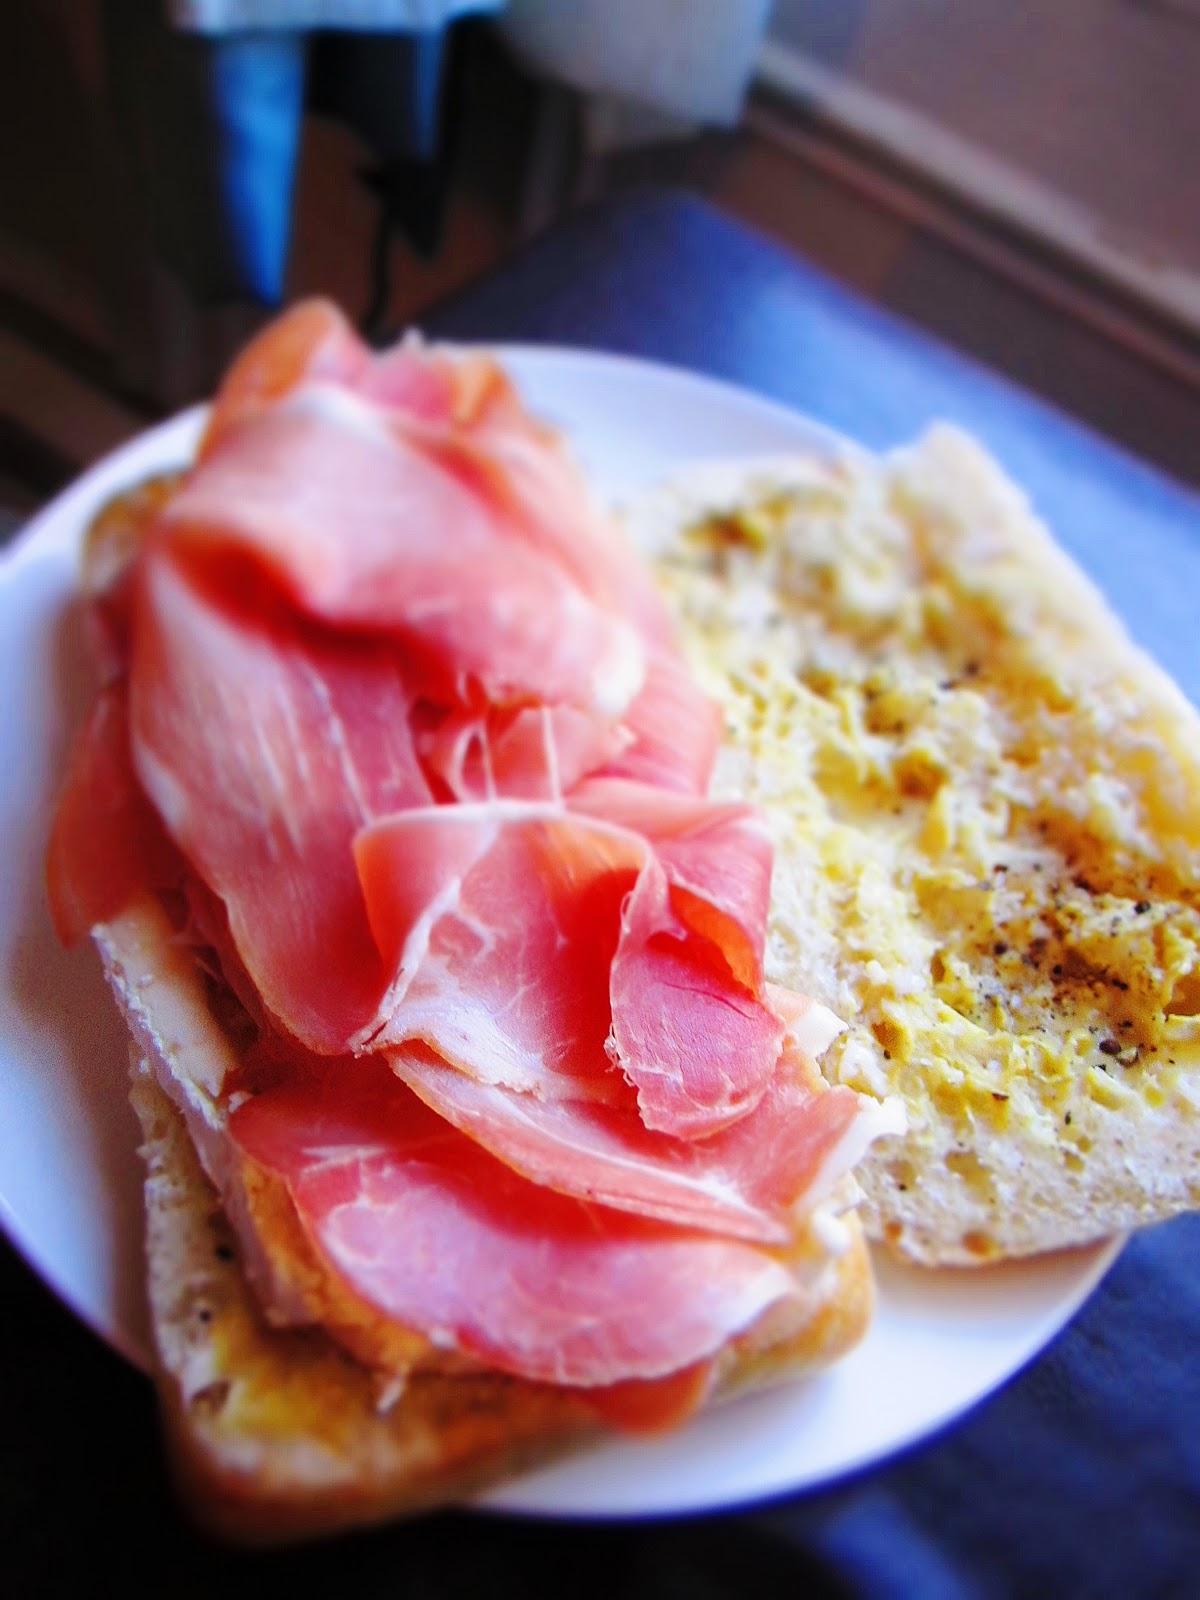 Two Recipes: Prosciutto and Brie Sandwich